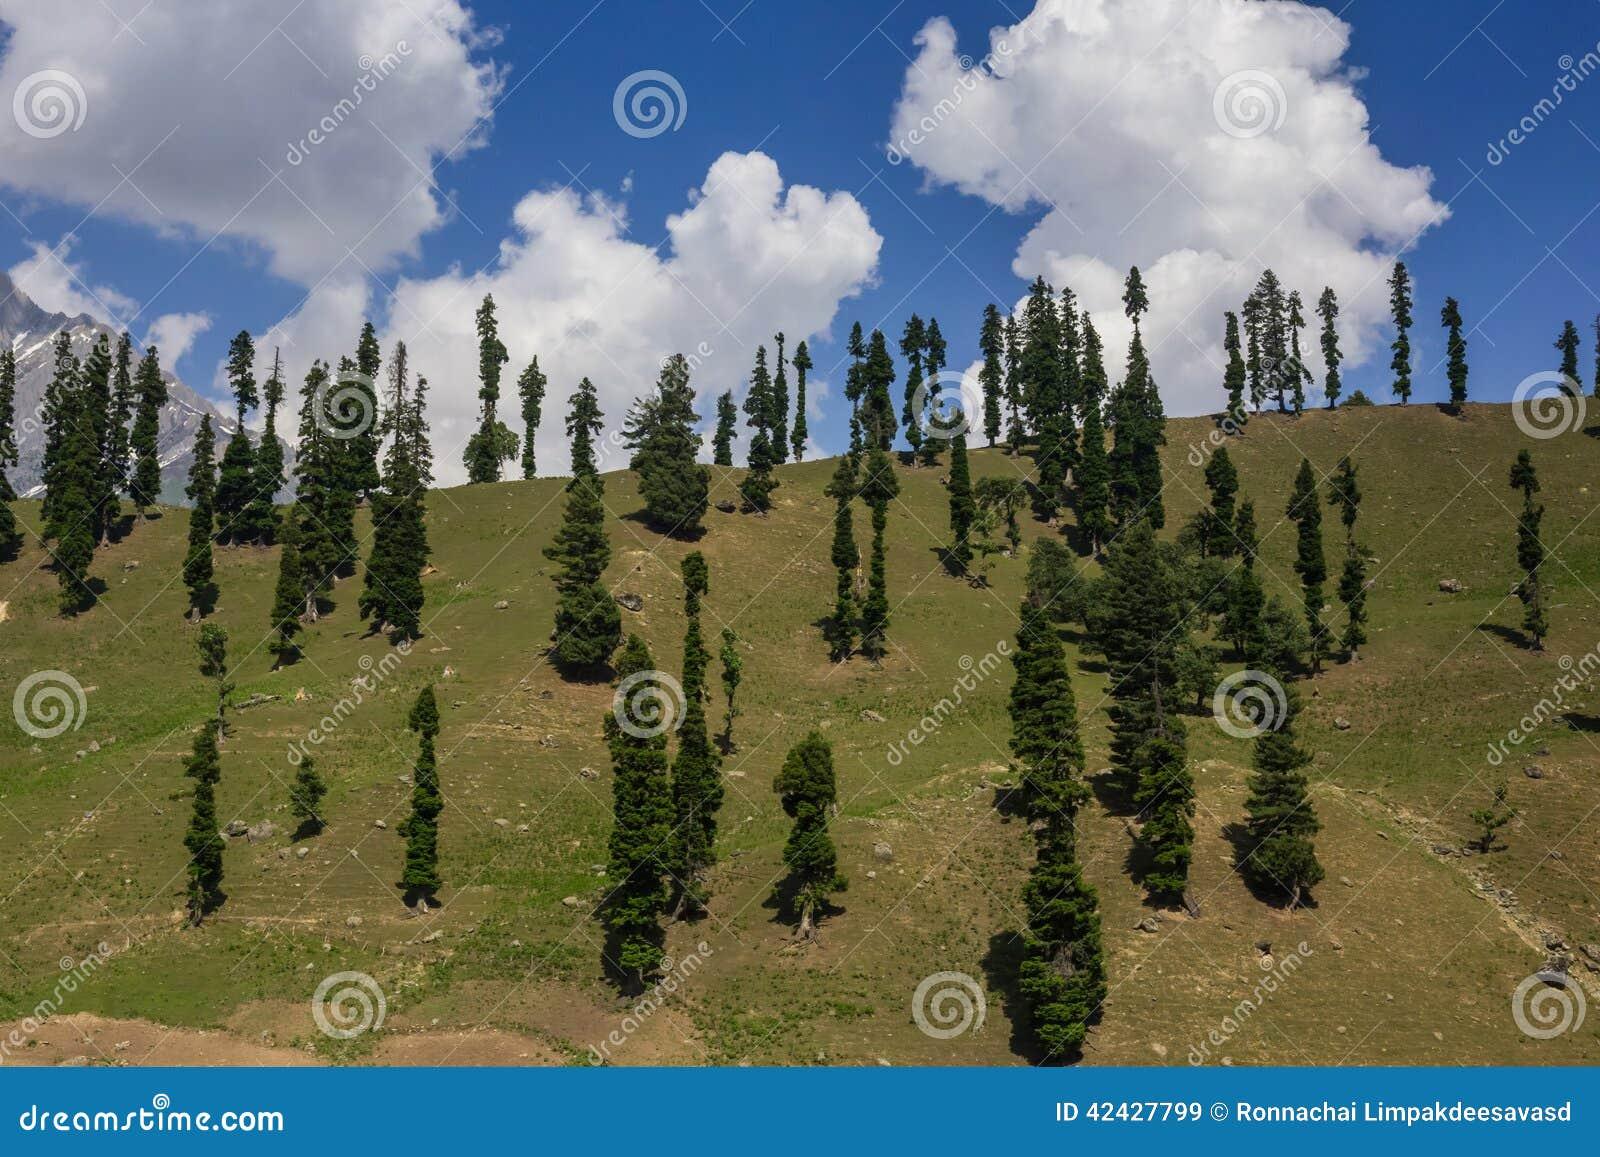 Colina con los árboles de pino